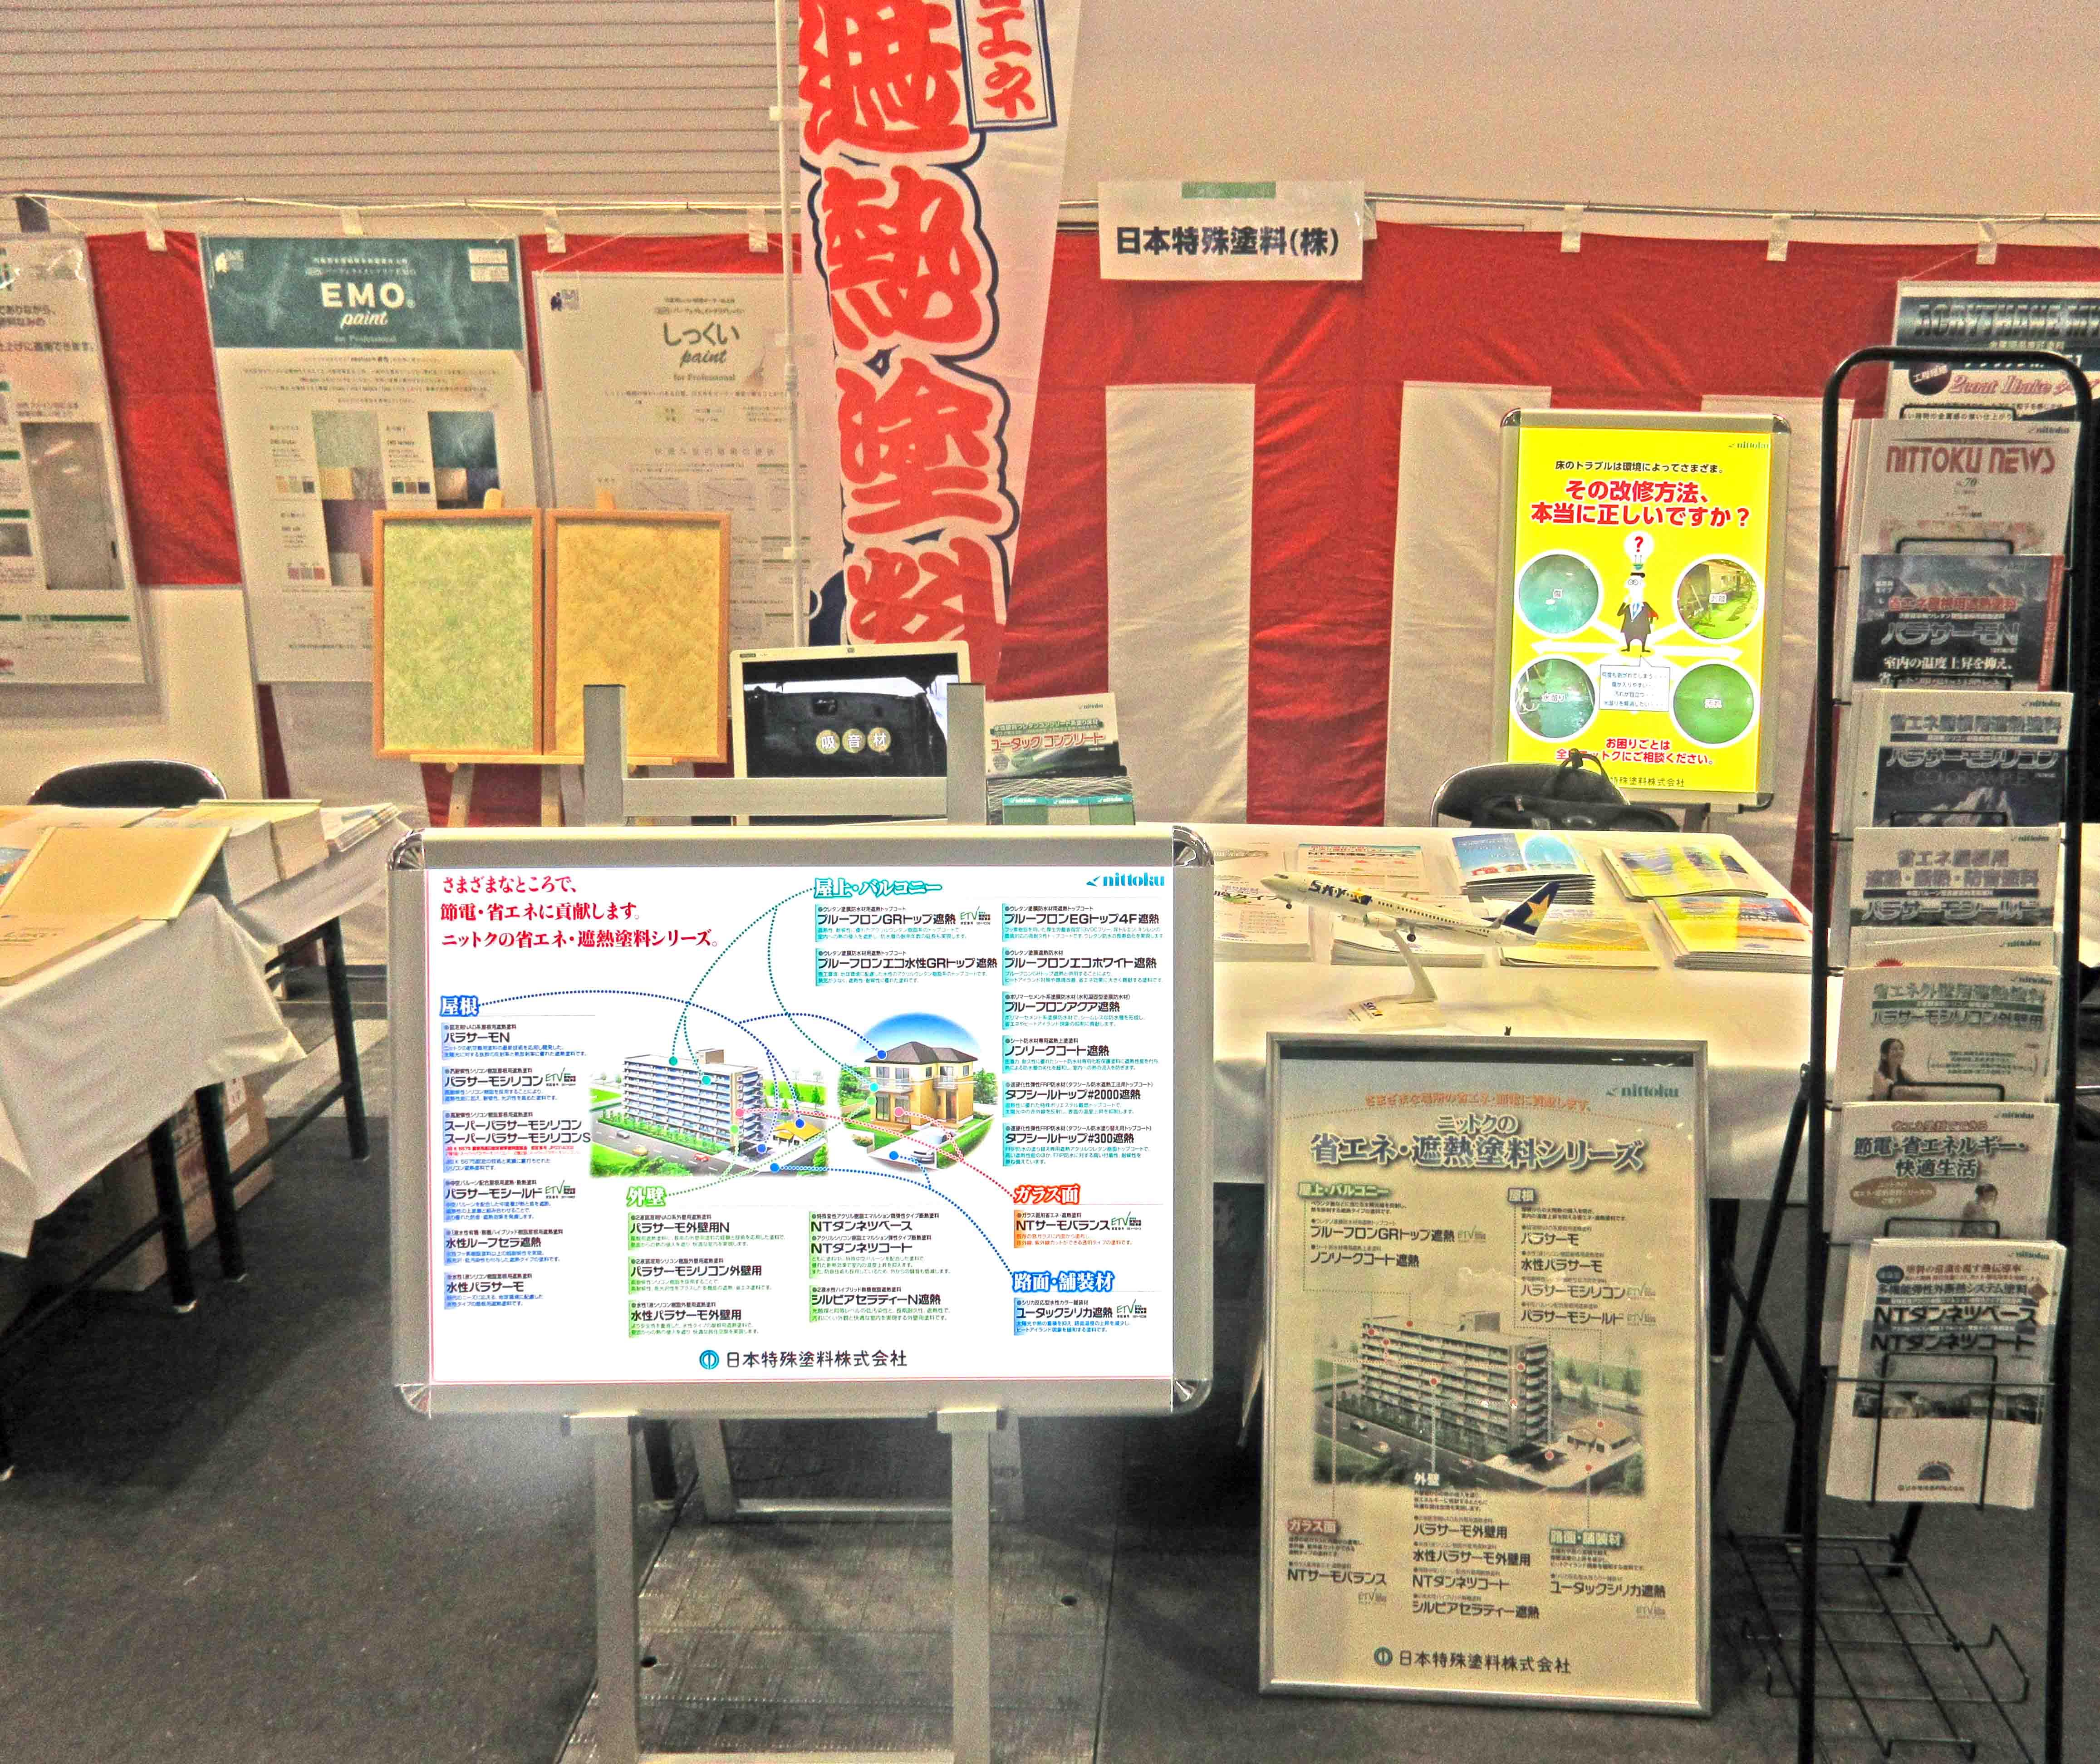 近畿マルテーフェア in 京都に出展しました